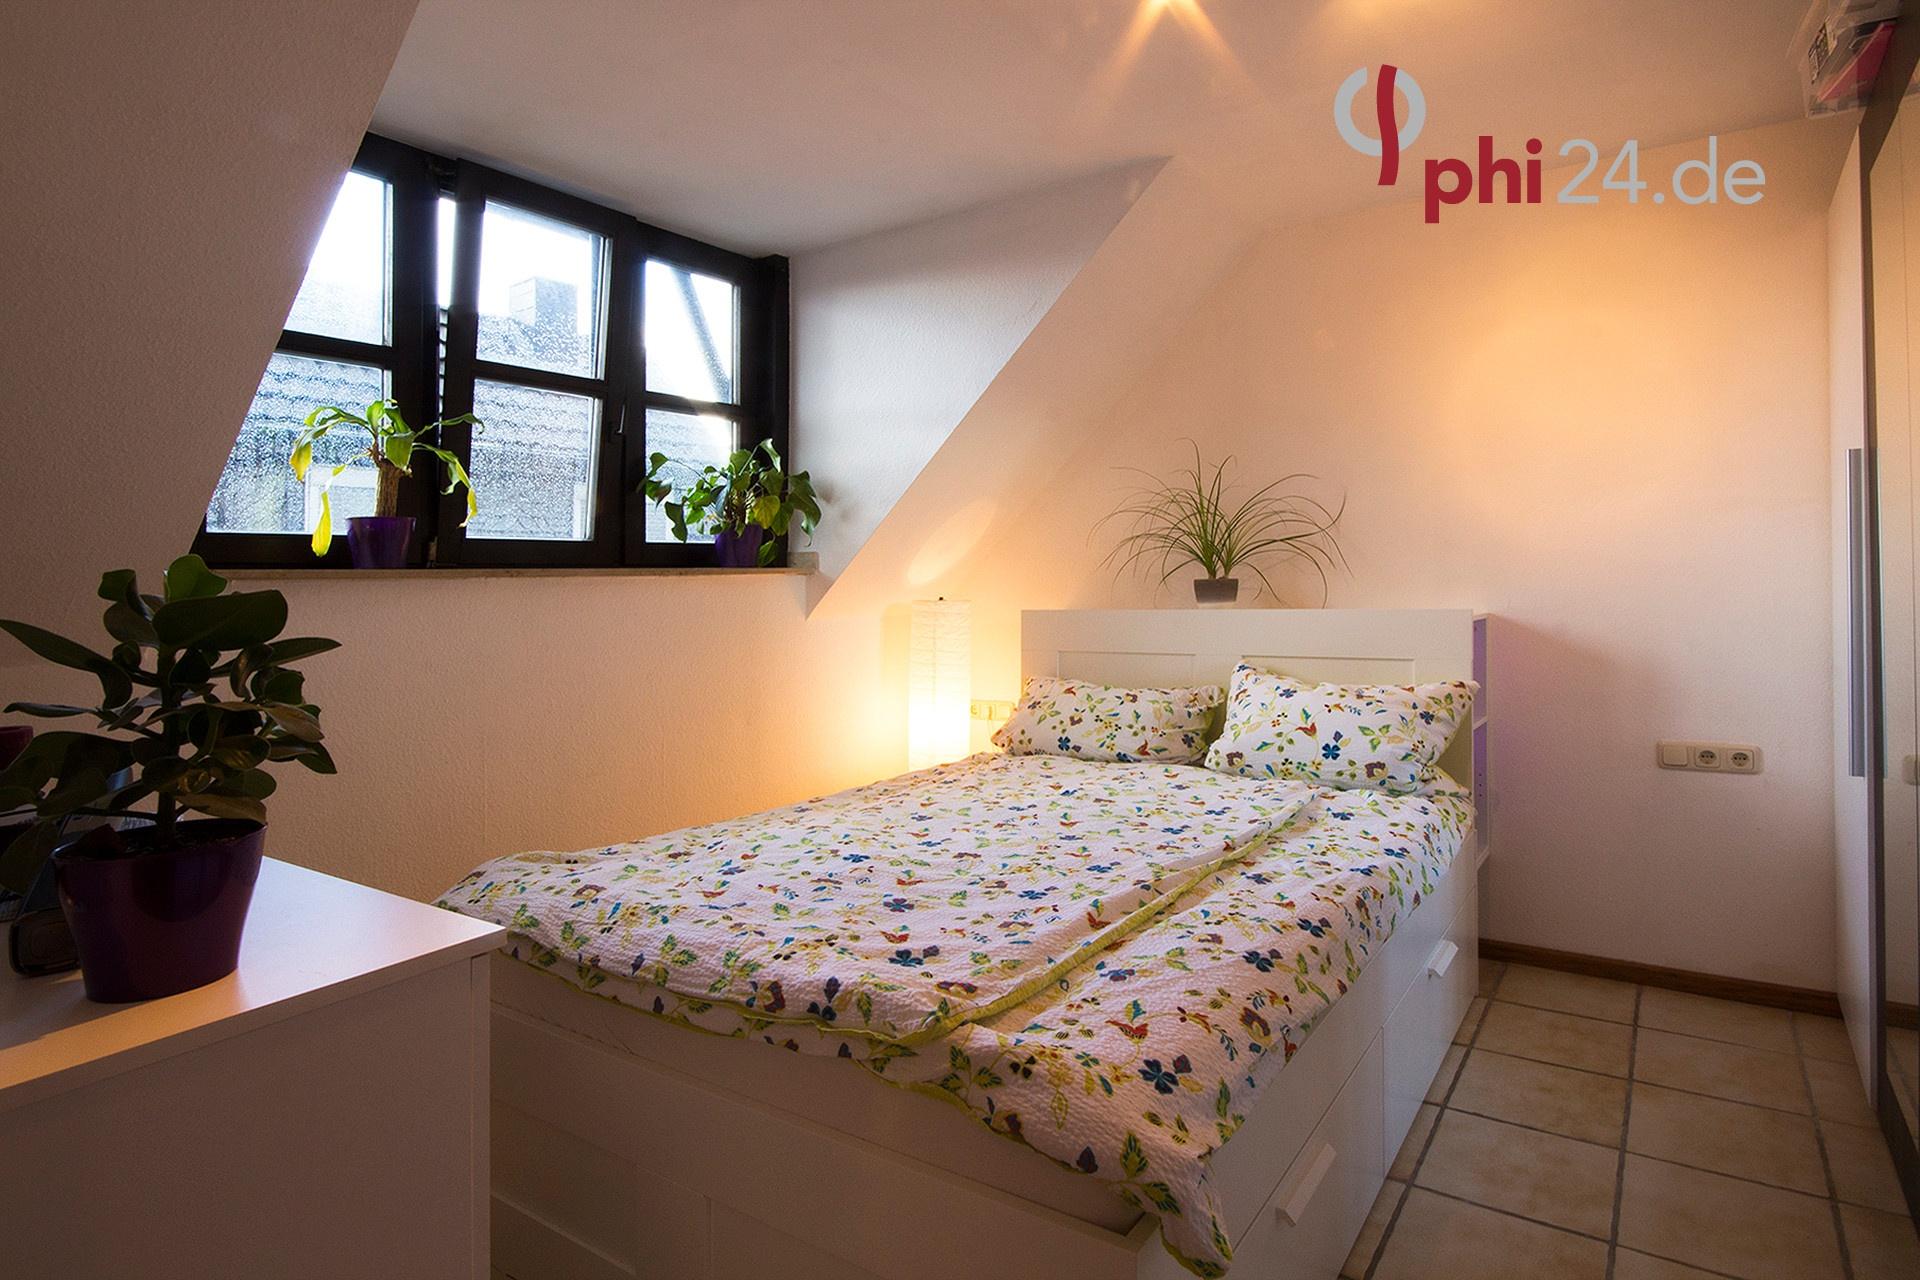 Immobilienmakler Eschweiler Maisonette-Wohnung referenzen mit Immobilienbewertung